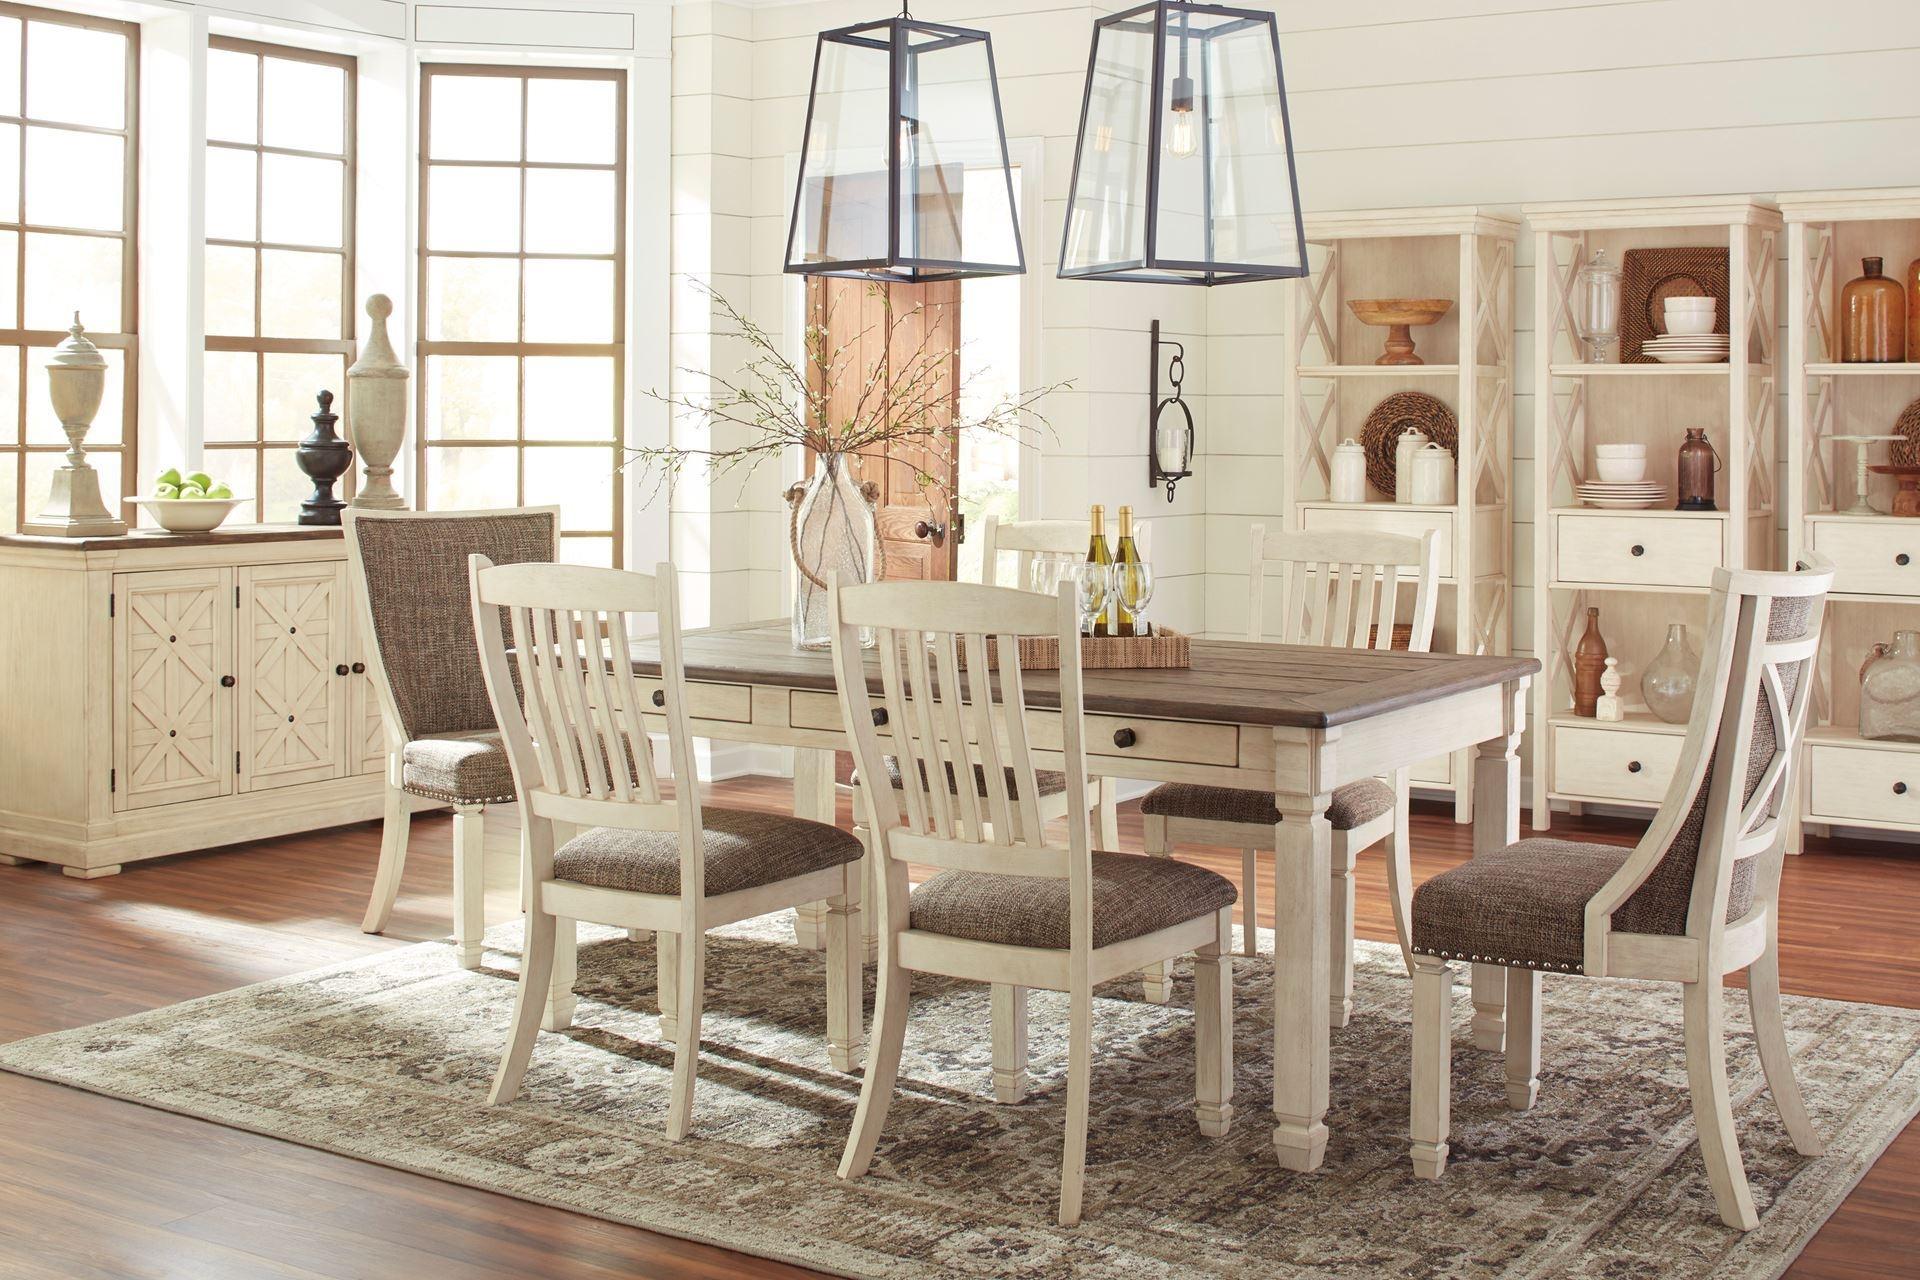 Table et 4 chaises dossier en bois 40 x 72 Chaises rembourrées Assorties Buffet assortis Possibilité de banc